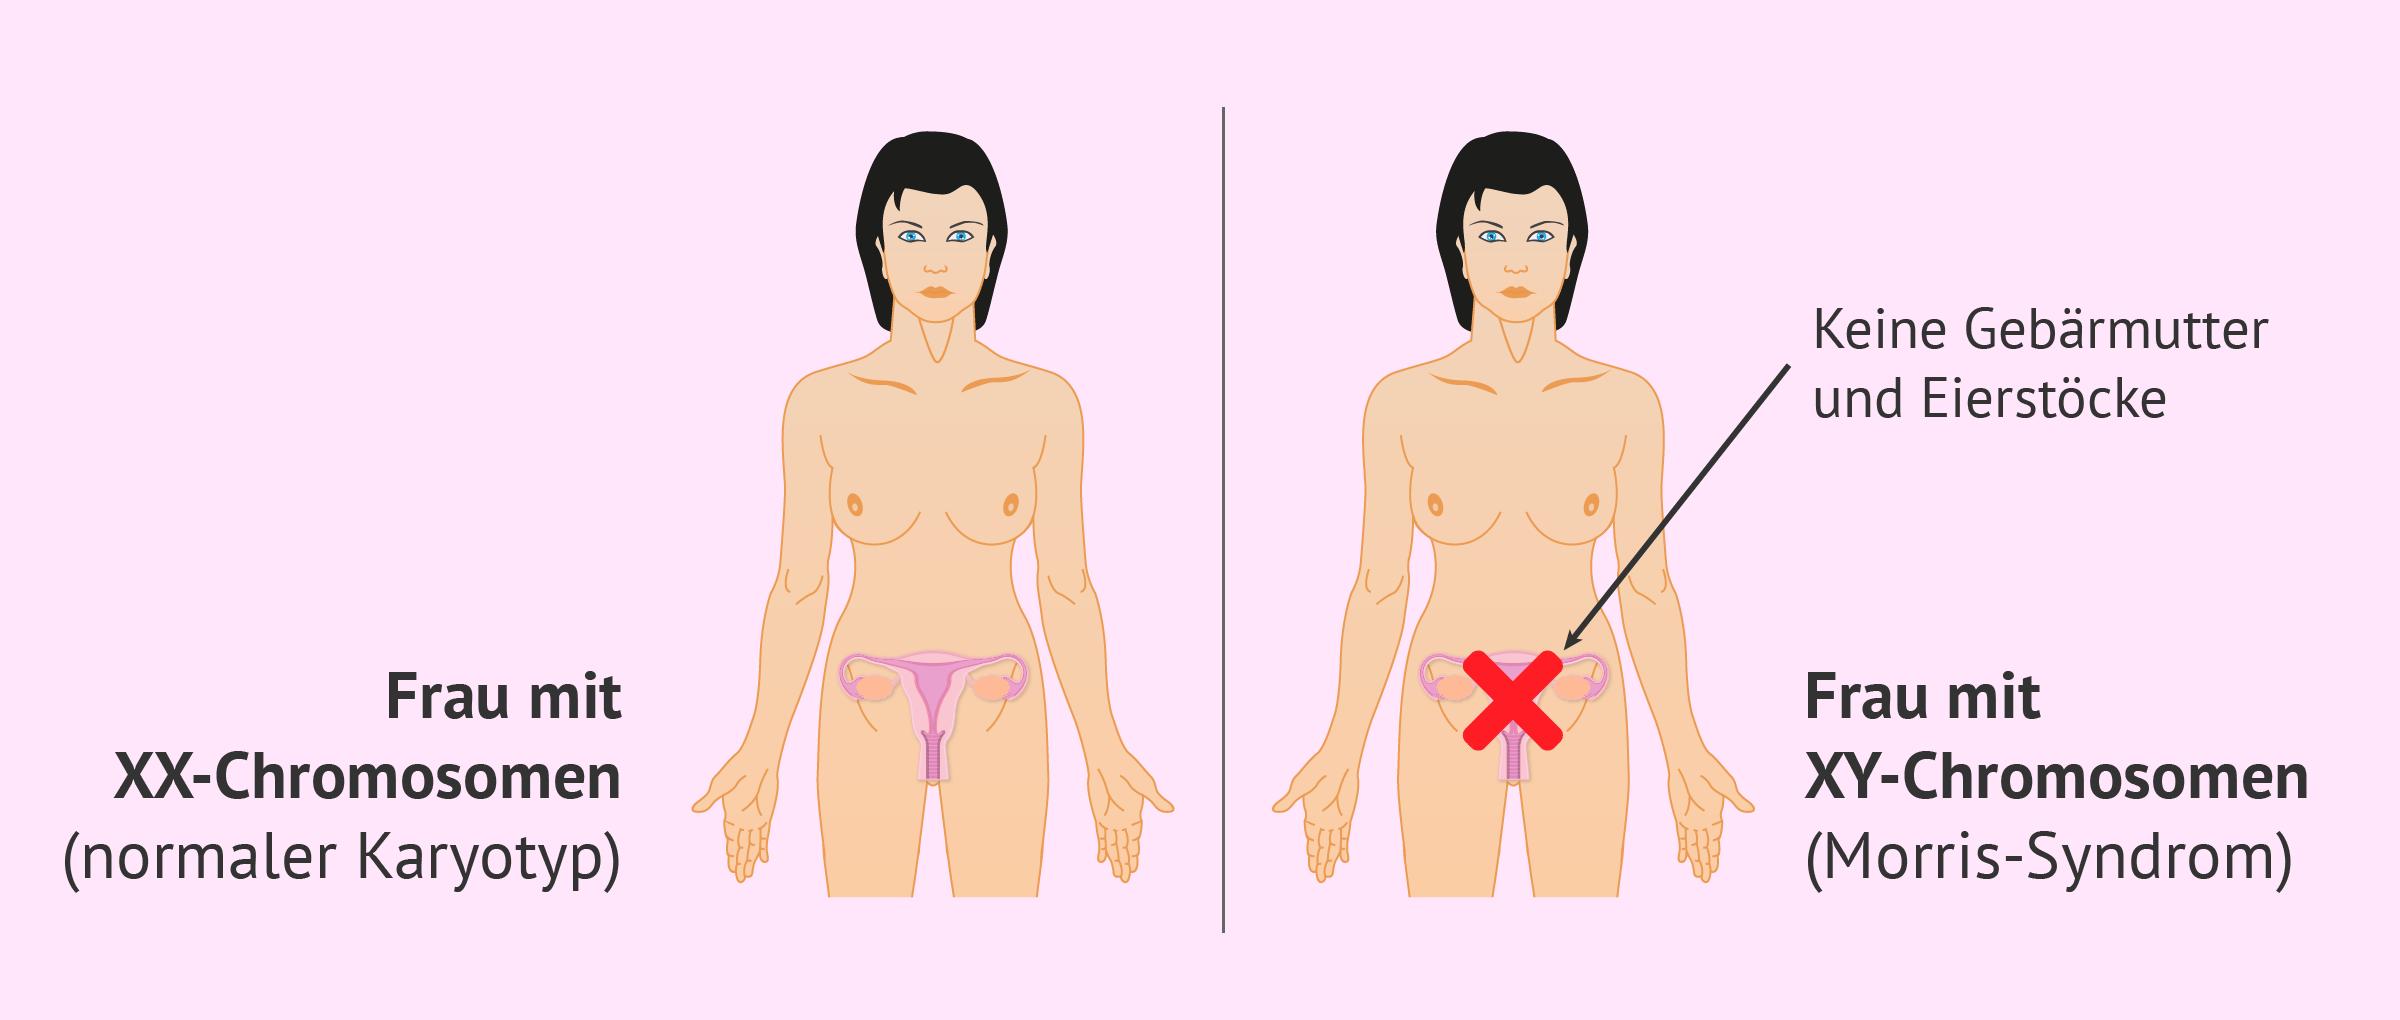 Das Morris-Syndrom: Merkmale, Ursachen und Reproduktionsmöglichkeiten